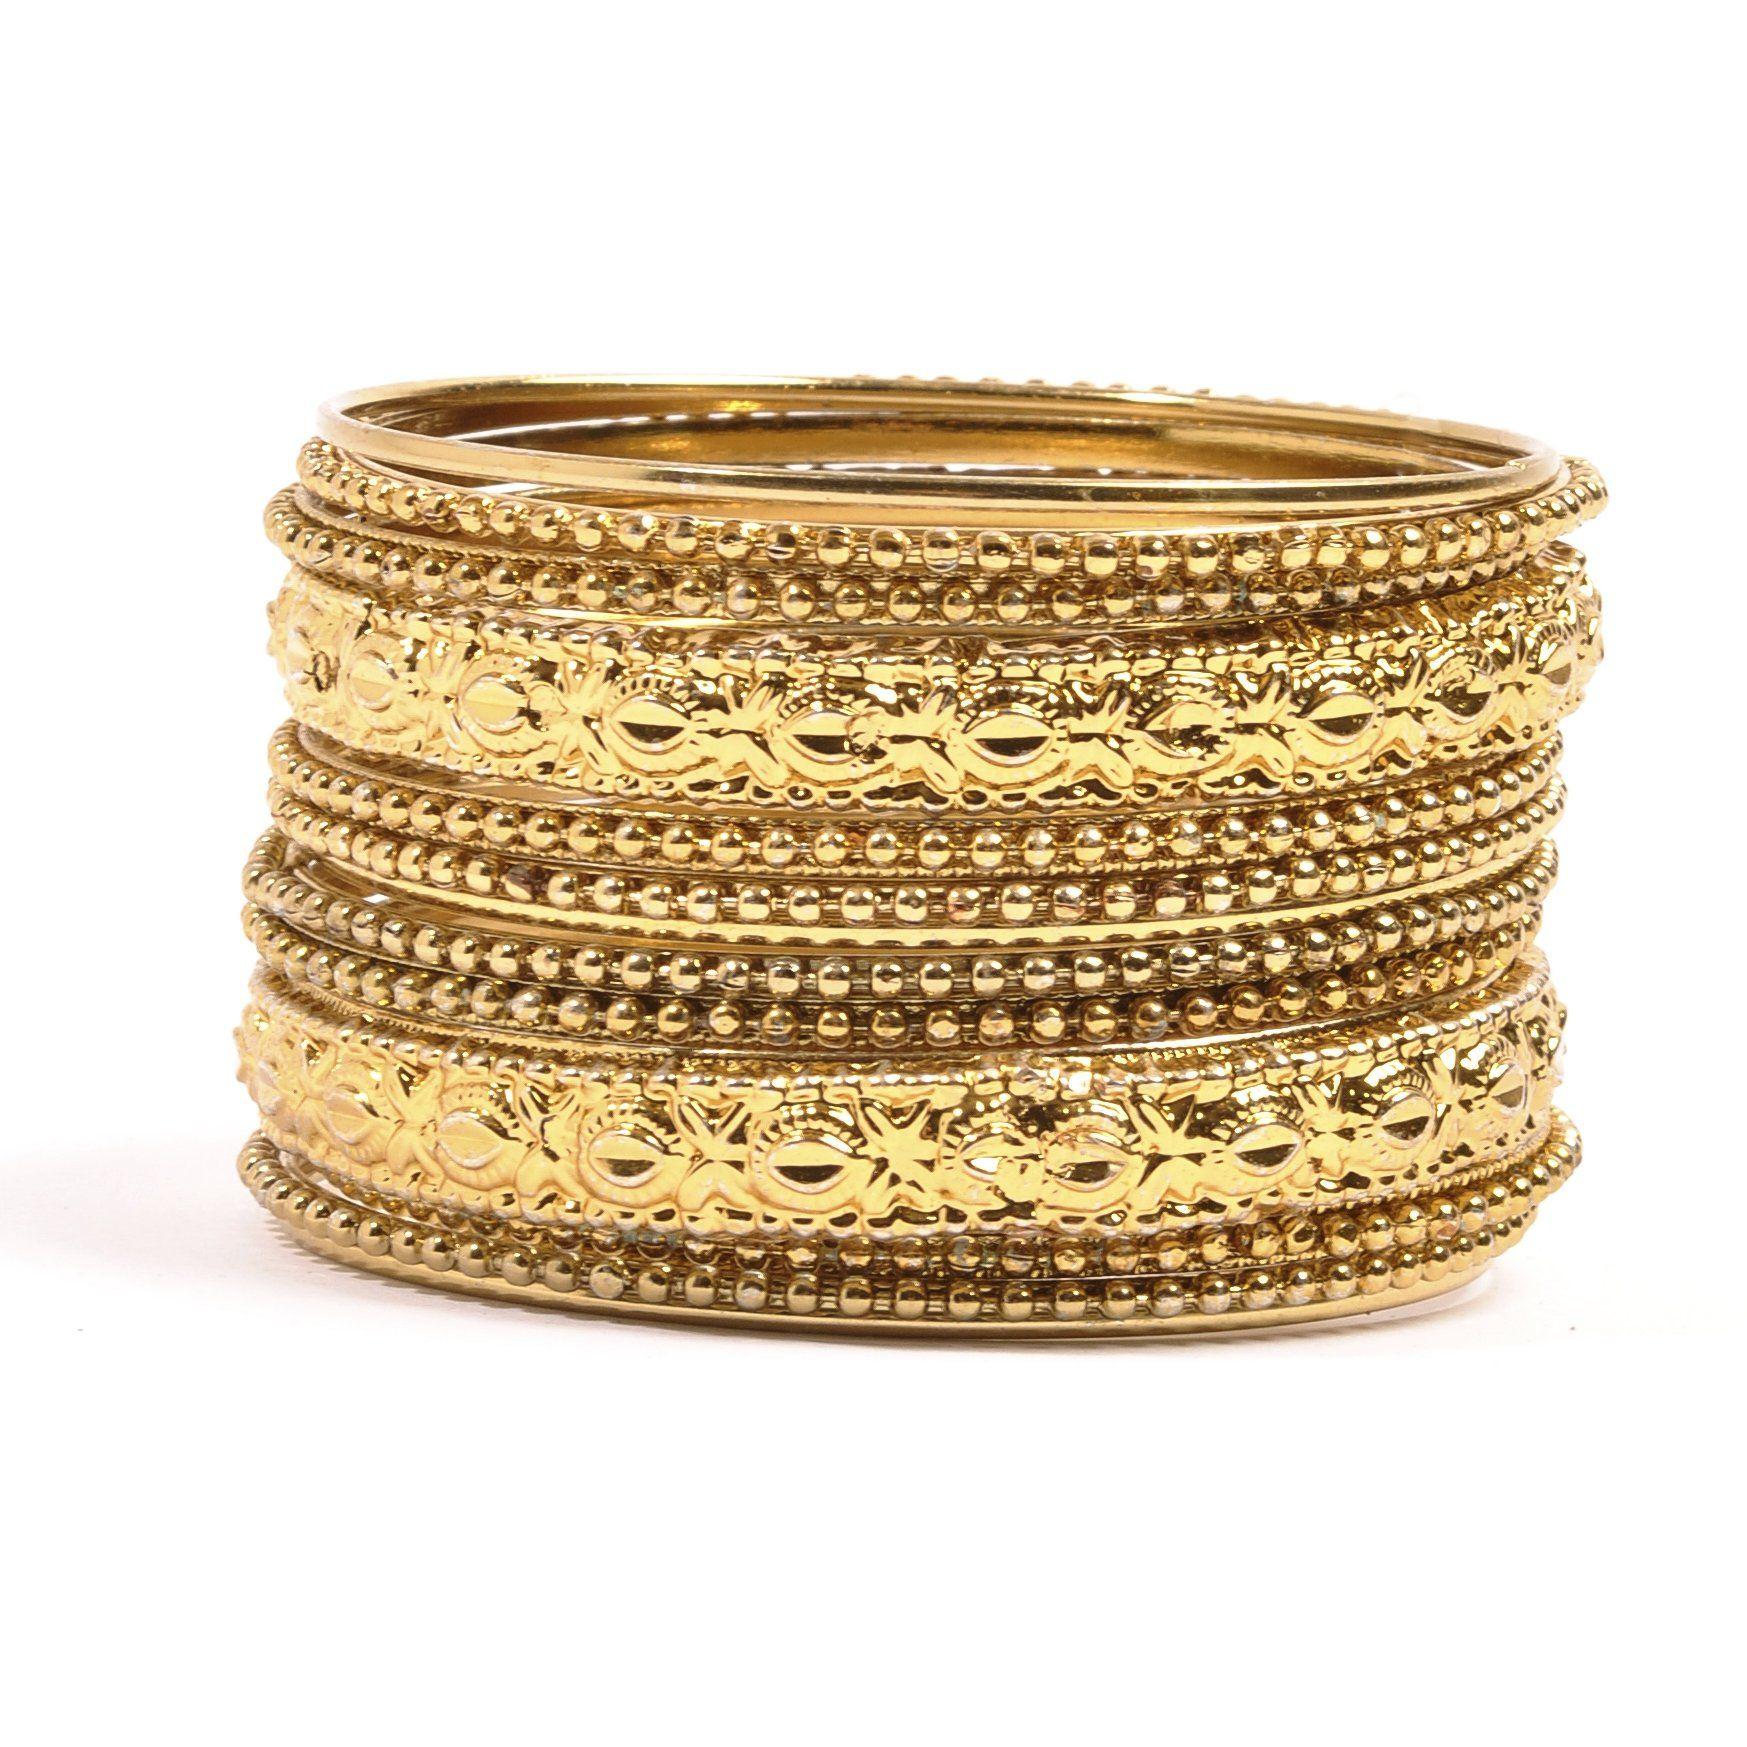 Silly yogi indian fashion metal bangle braceletgold tone my style